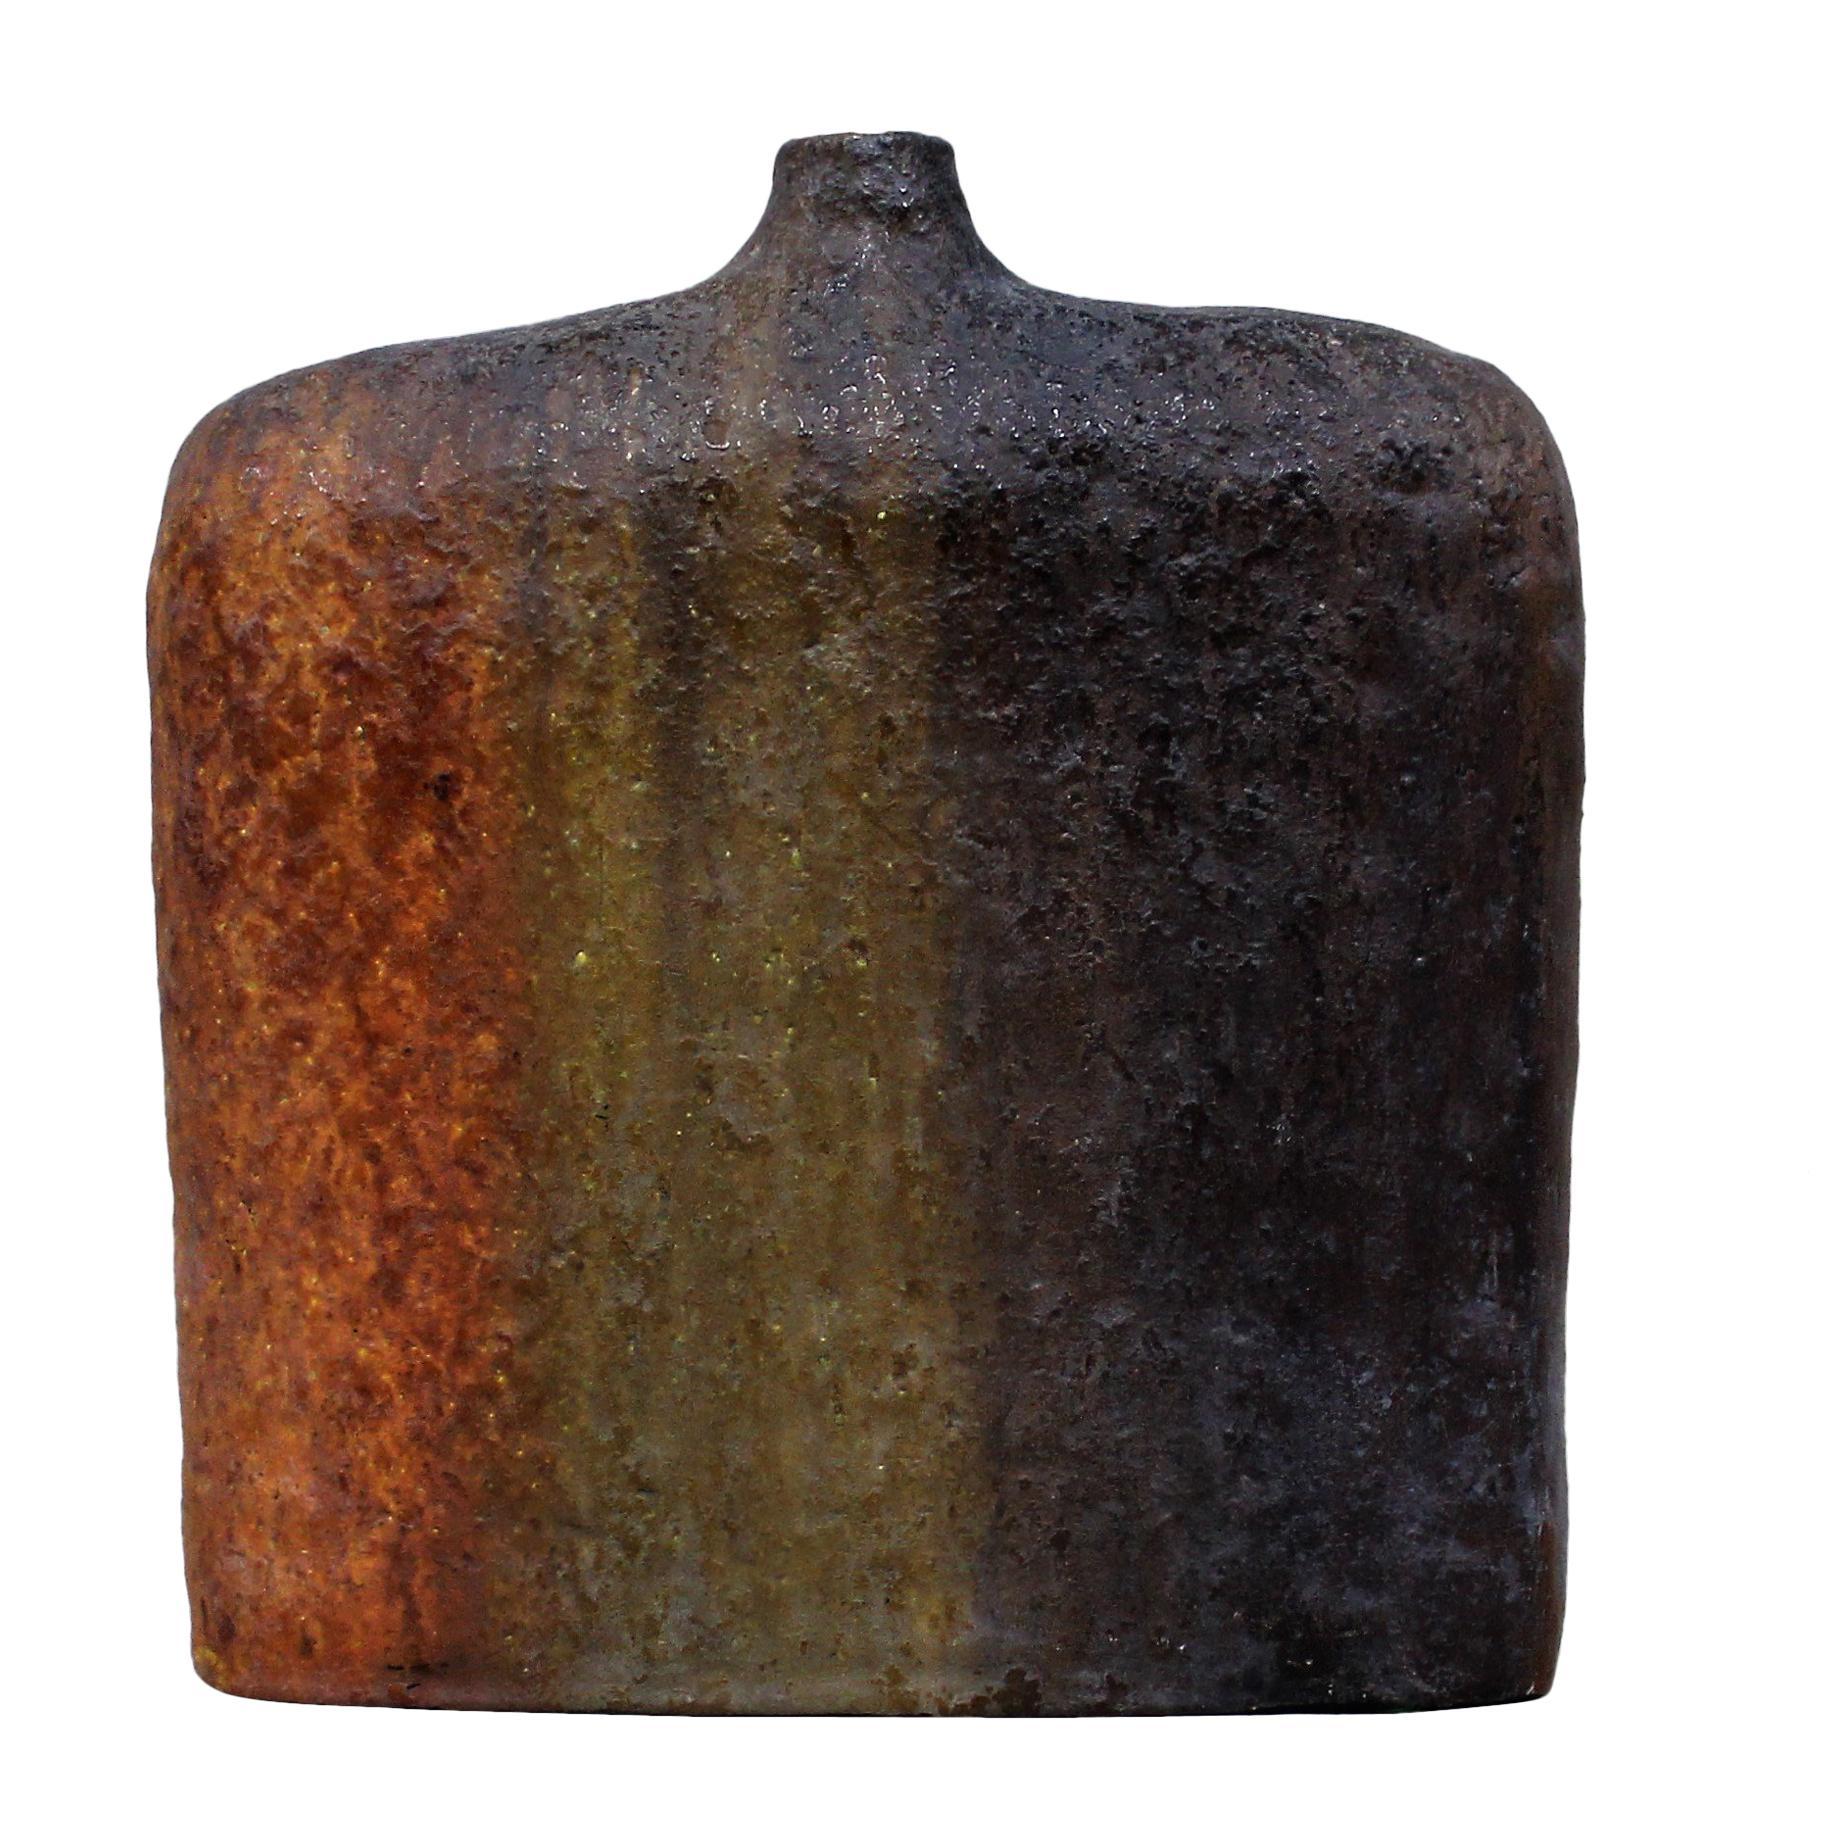 Marcelllo Fantoni Ceramic Vase for Raymor